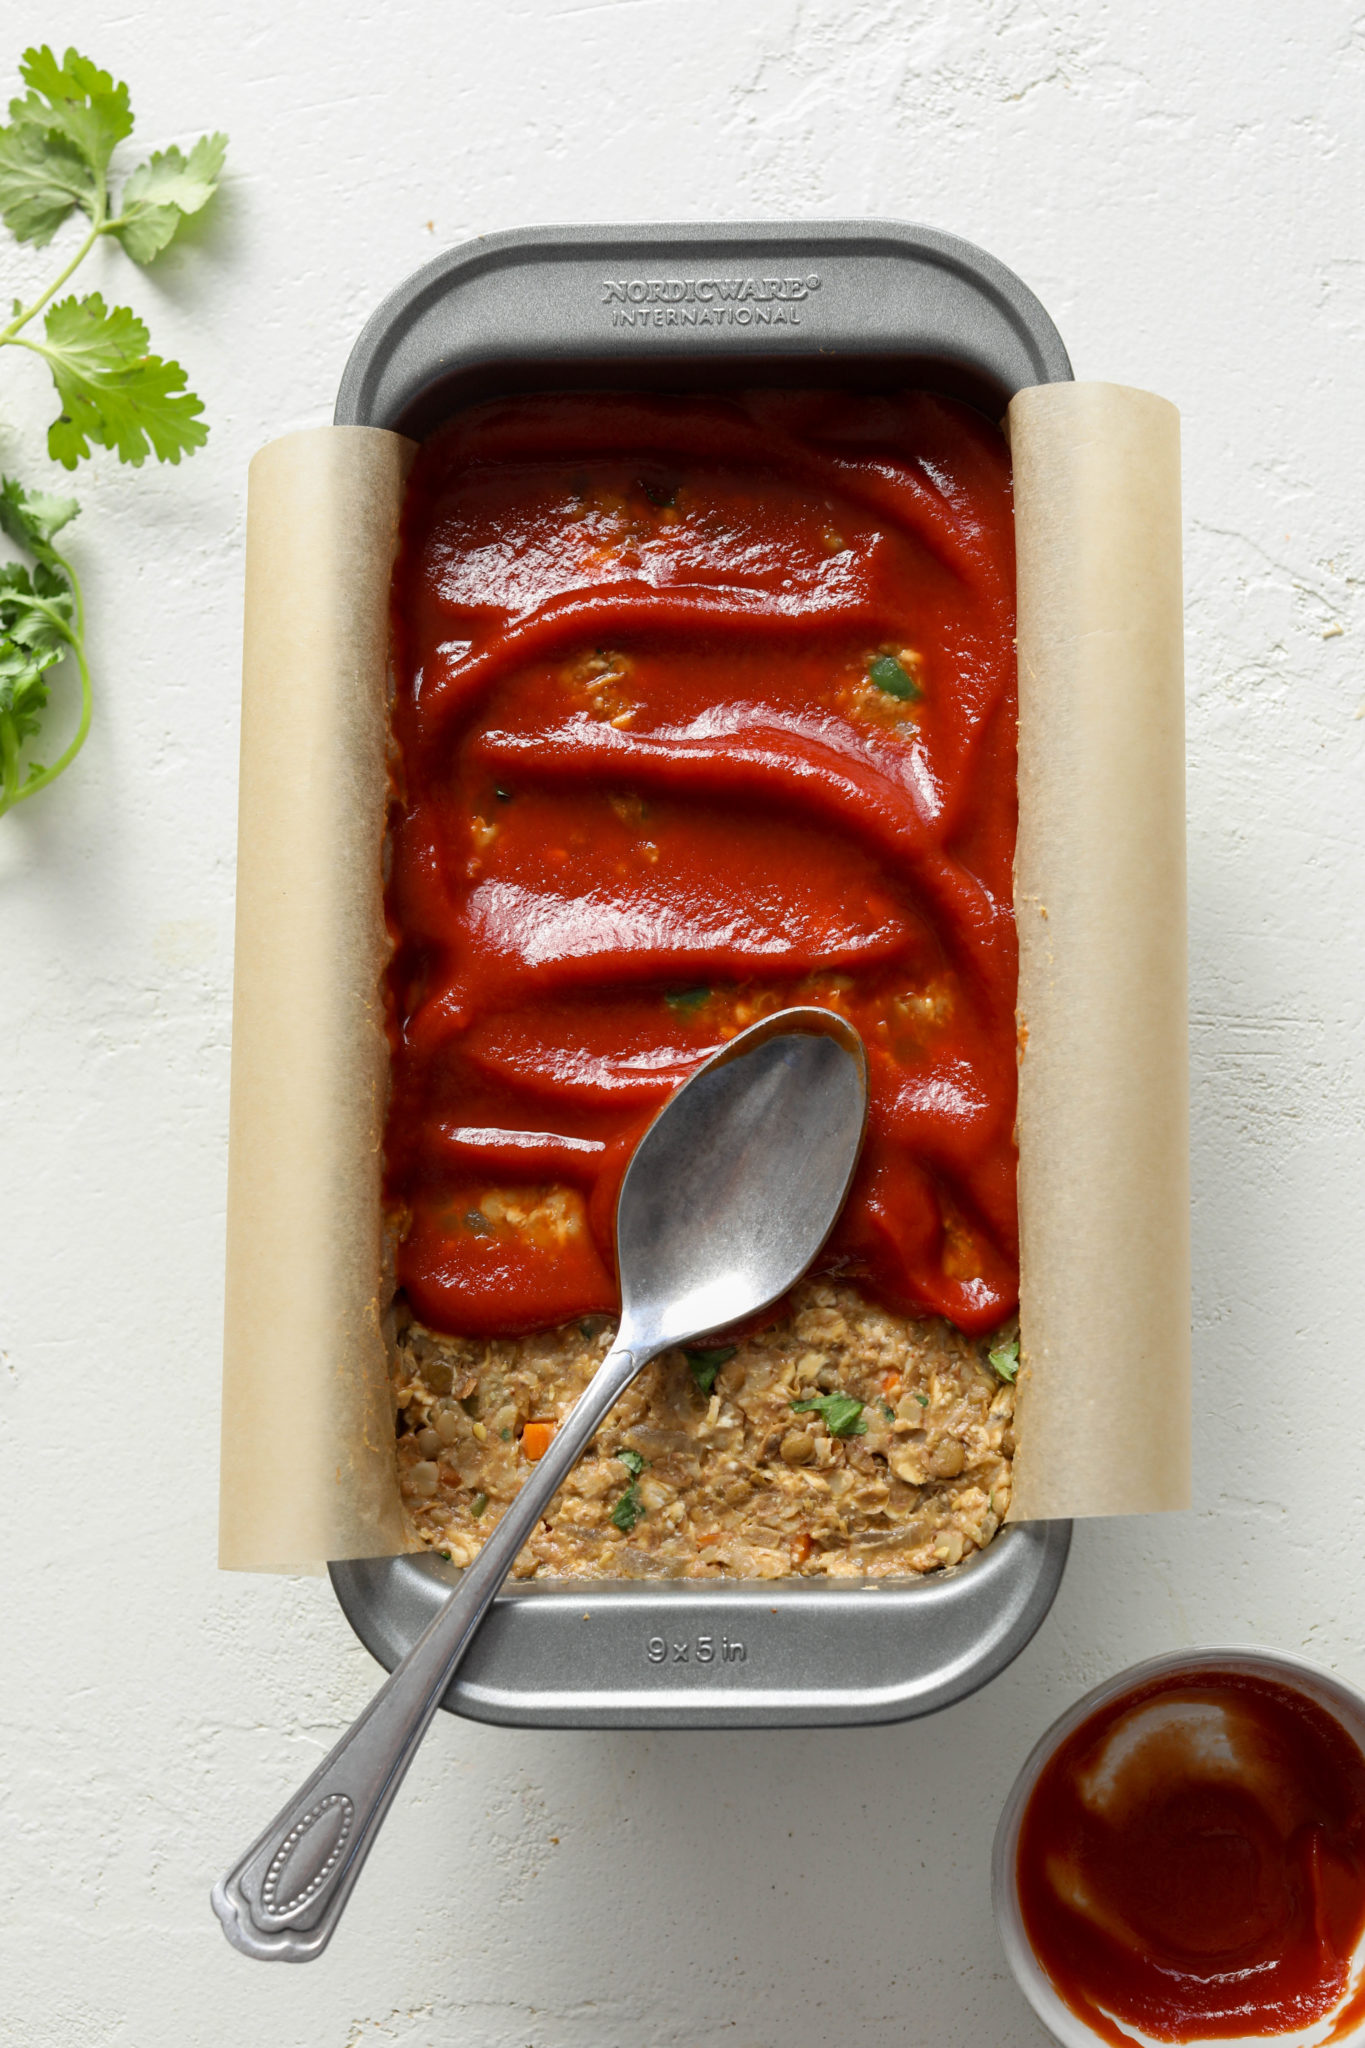 Lentil Oat Loaf (Vegan & Gluten-Free!) by Flora & Vino